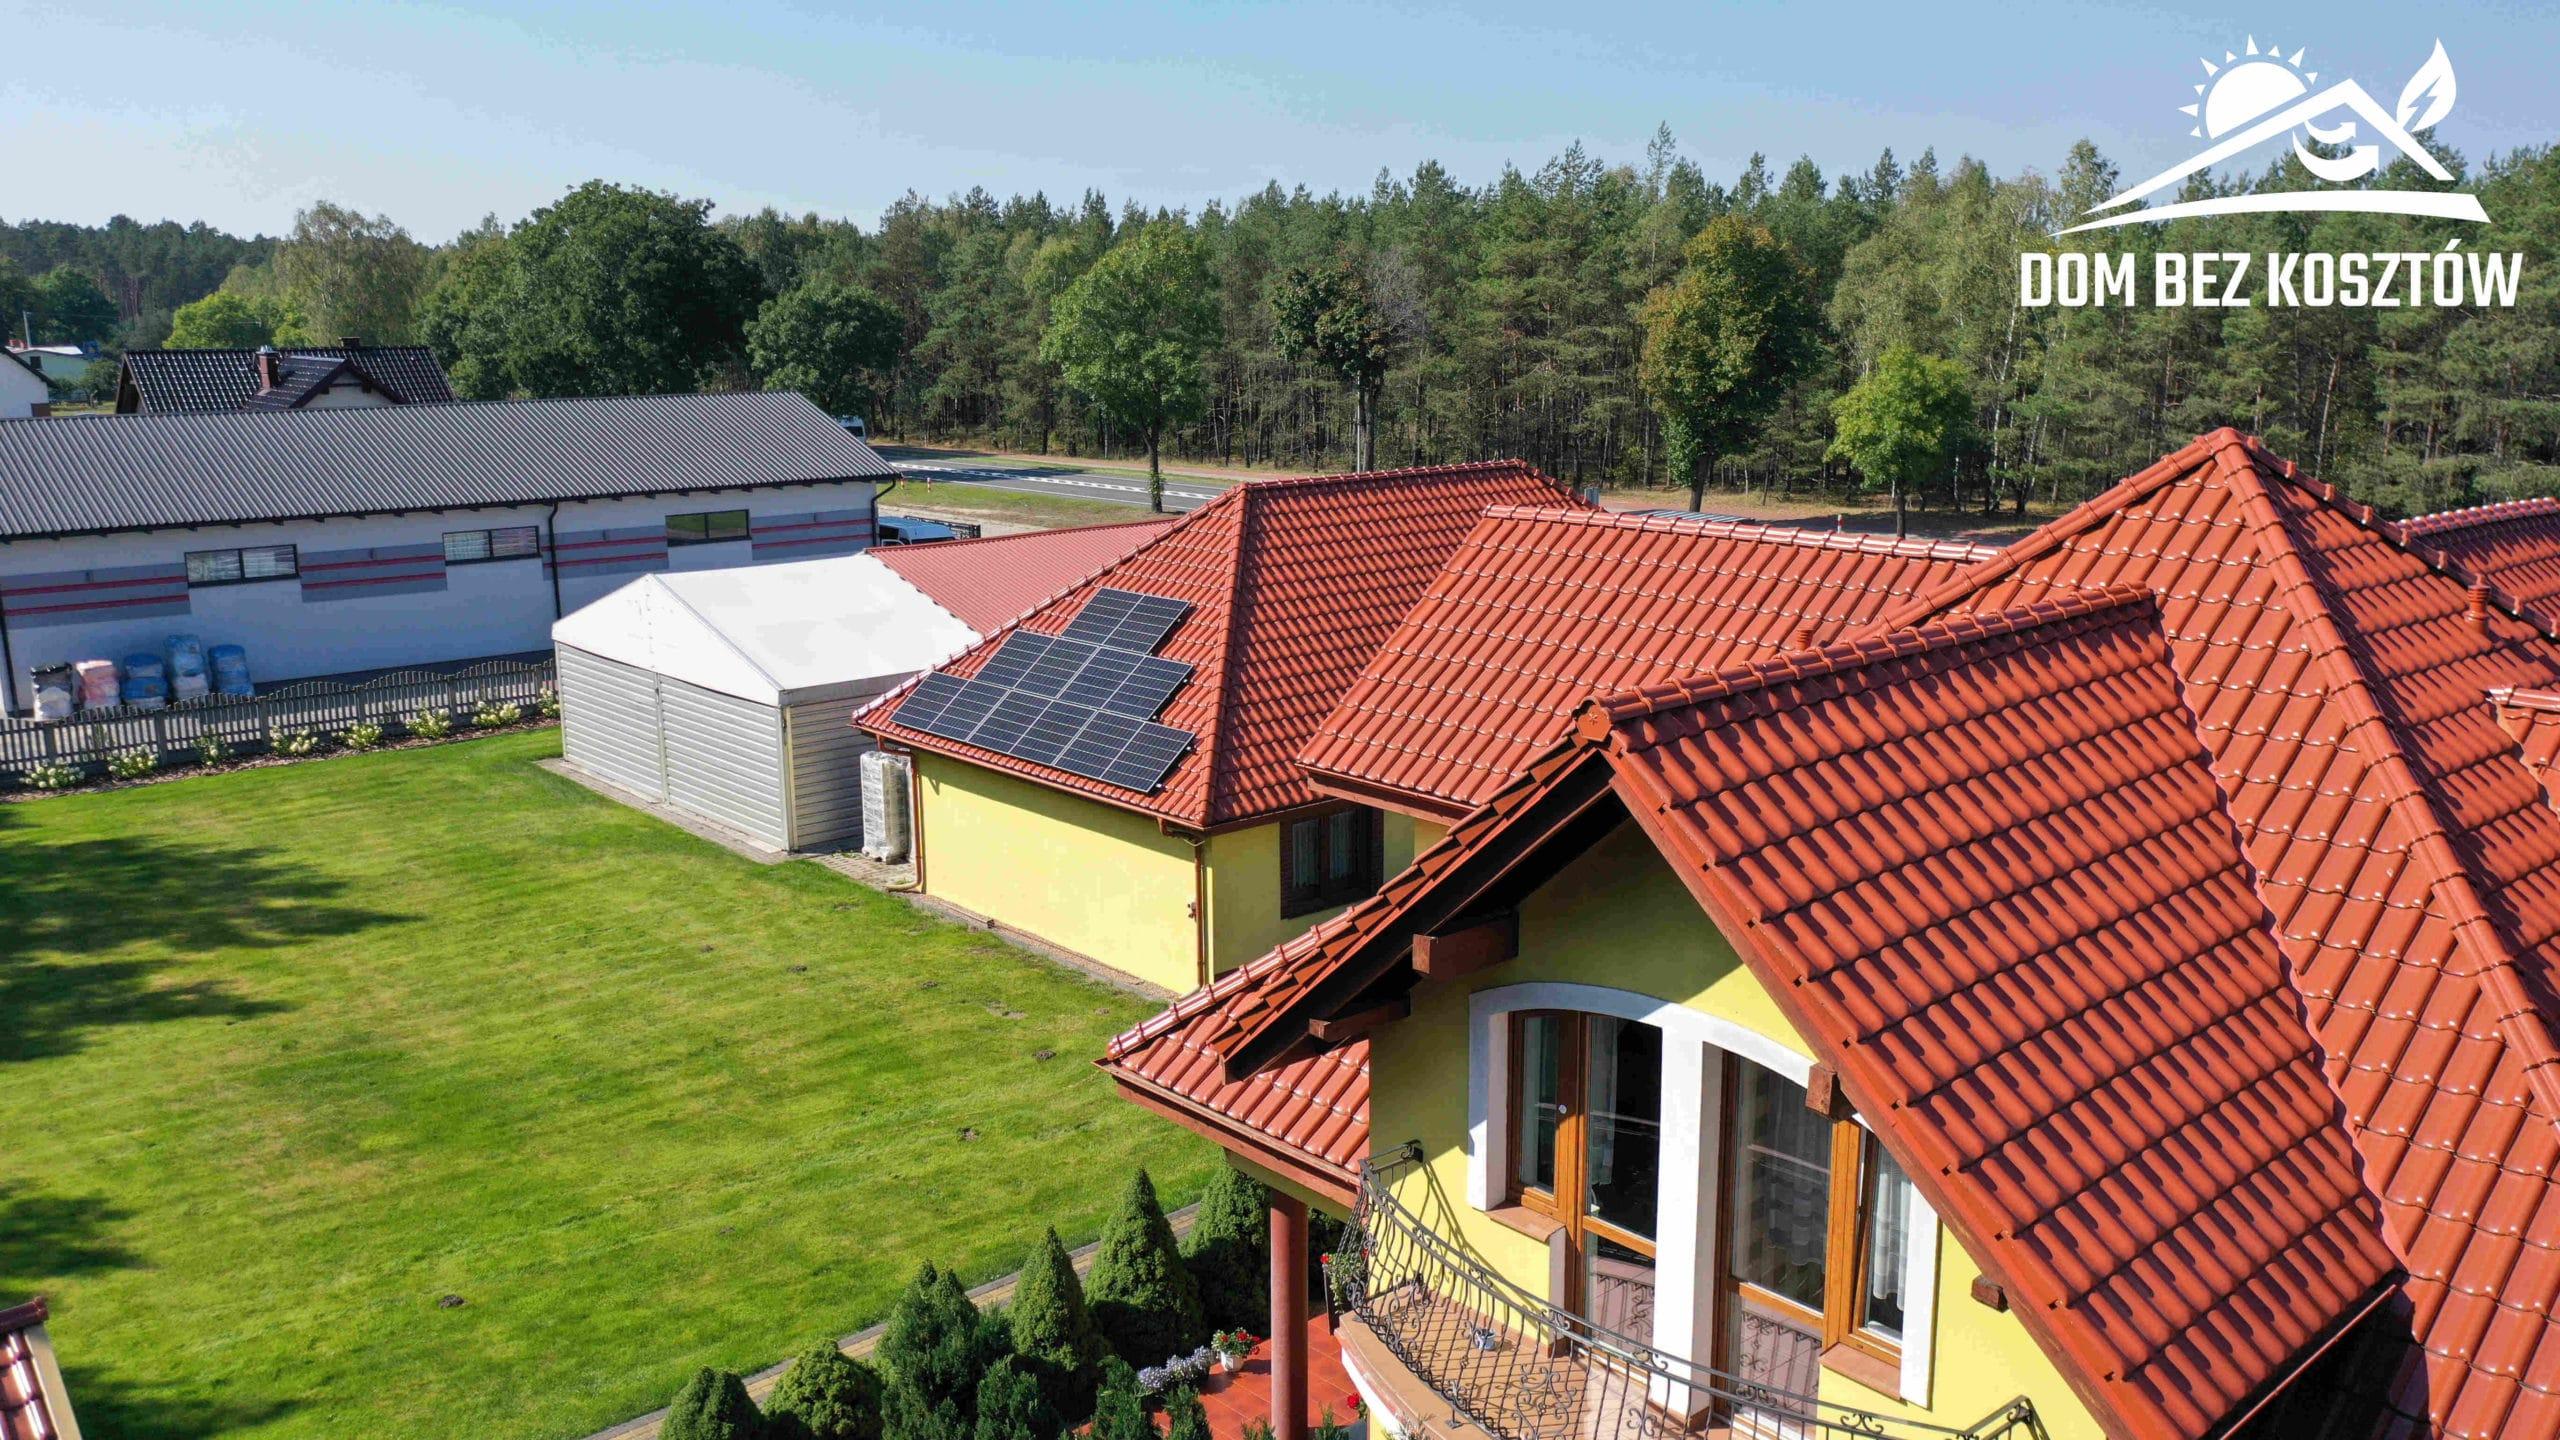 Instalacja fotowoltaiczna o mocy 10 kWp na dachu domu jednorodzinnego w Gutowcu